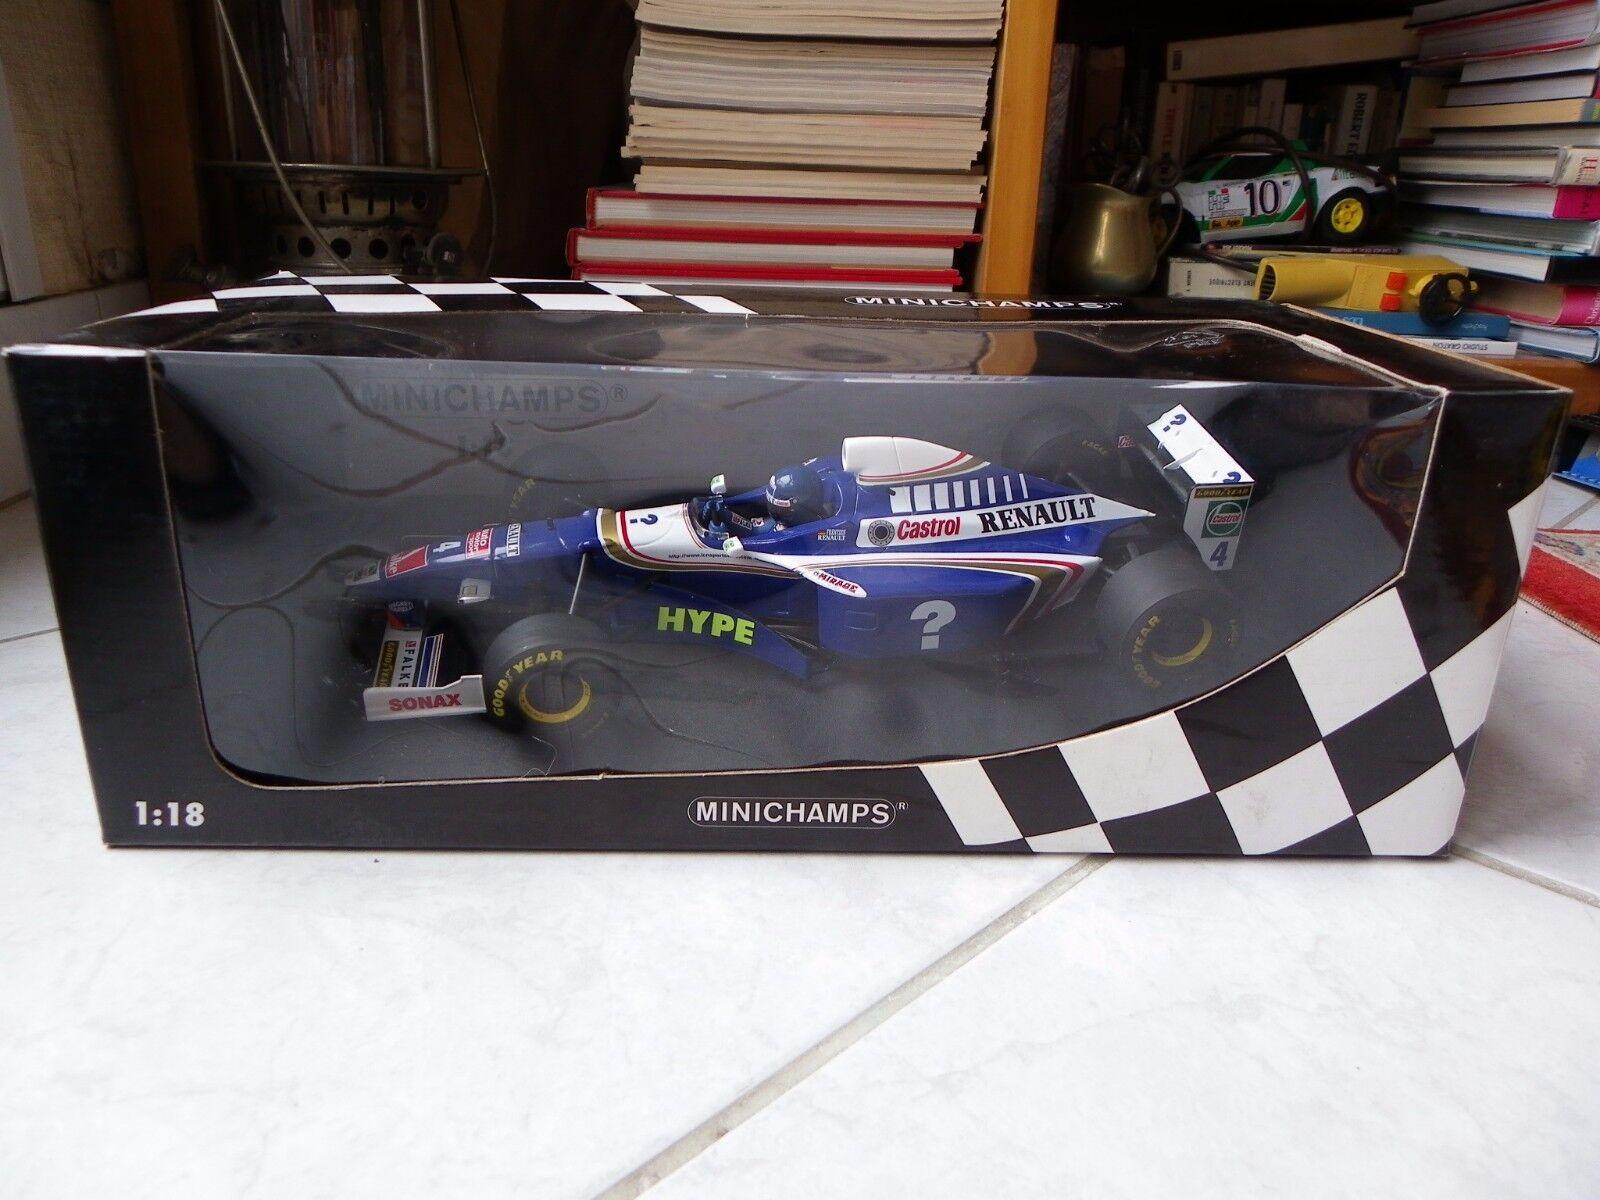 Williams Renault FW19 Heinz Harald Frentzen  18 Minichamps 1997 Formule 1 F1